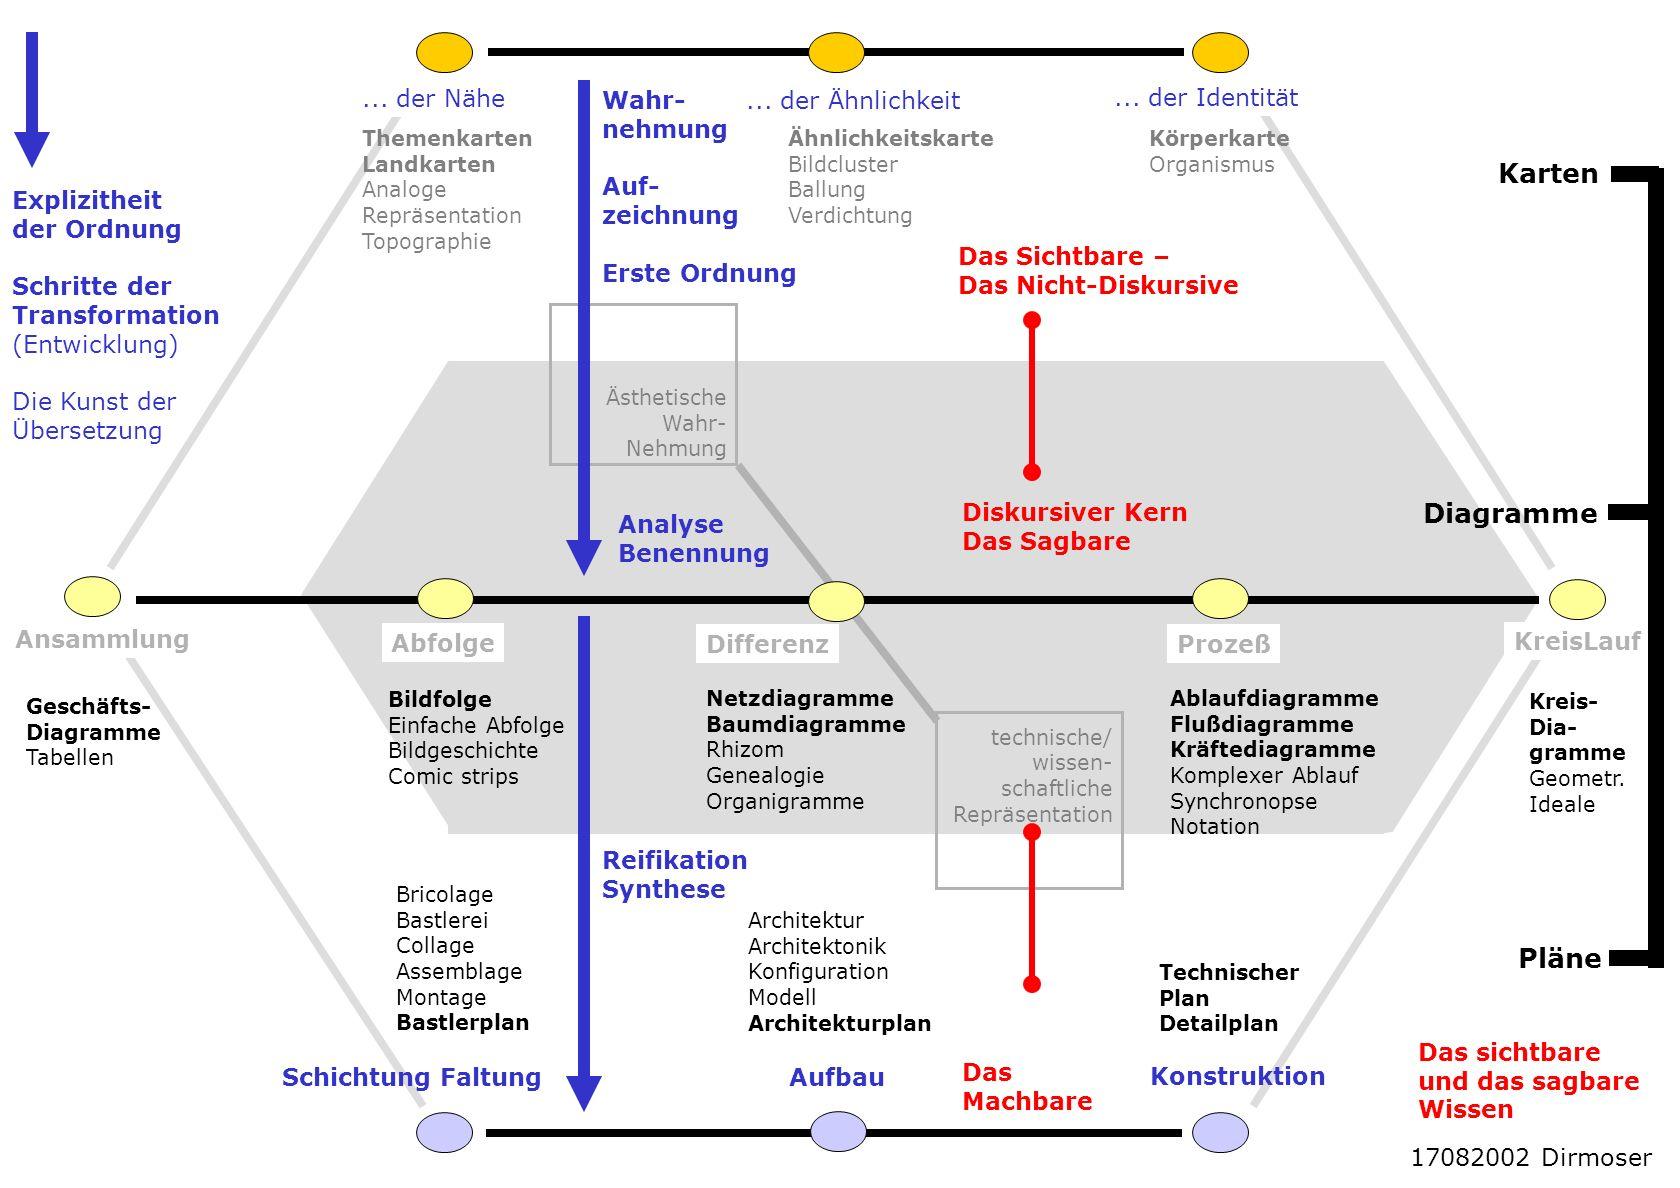 Schema-WissenschaftBild-Wissenschaft Karte Diagramm Plan Kunst-Anwendungen Bild Orthophoto Luftbild Div.